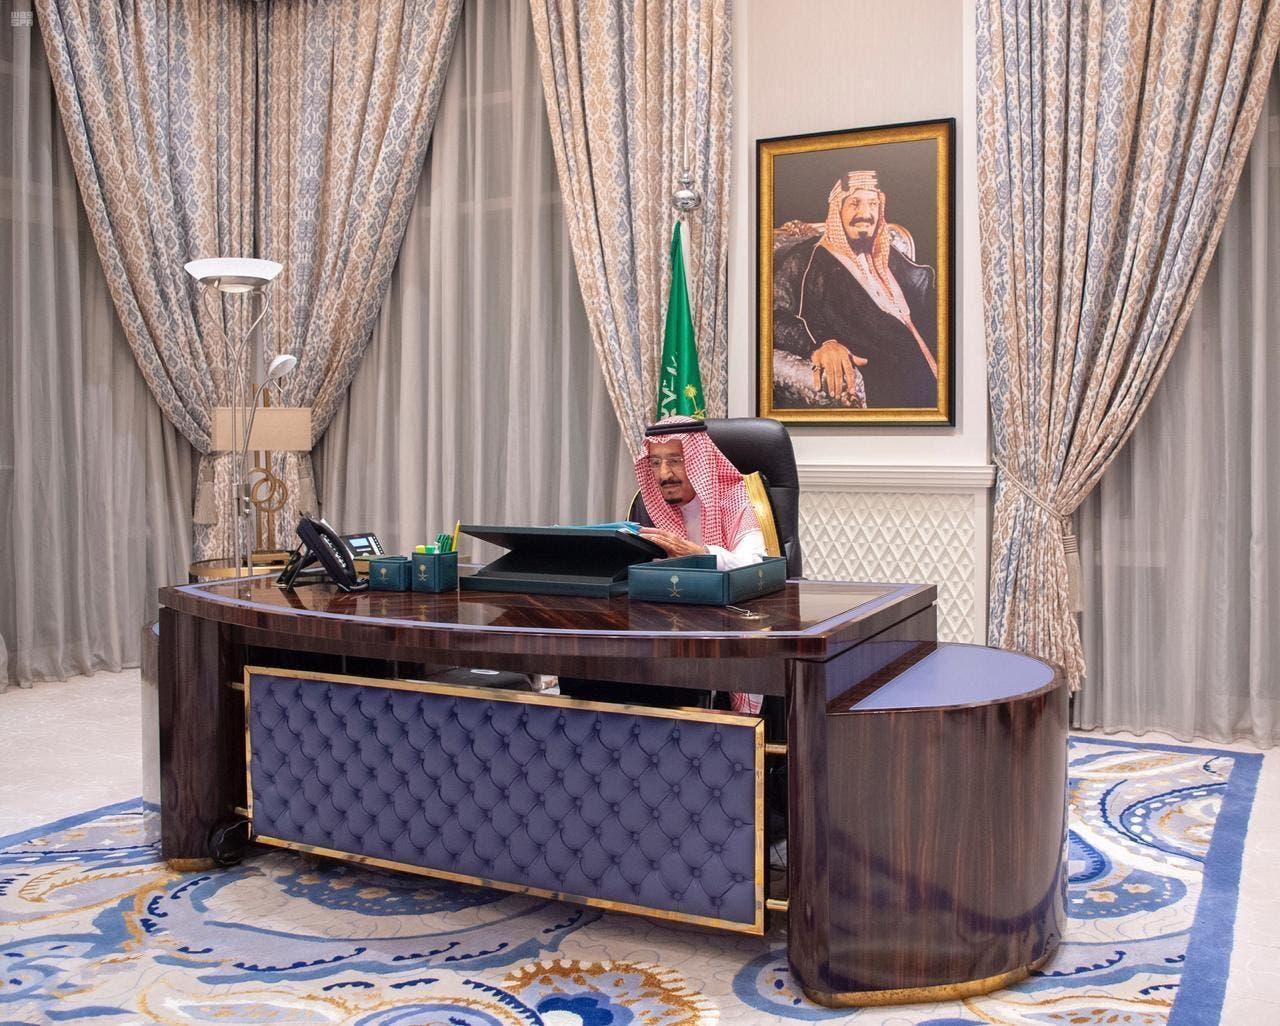 ملک سلمان بن عبدالعزیز آلسعود پادشاهی عربی سعودی